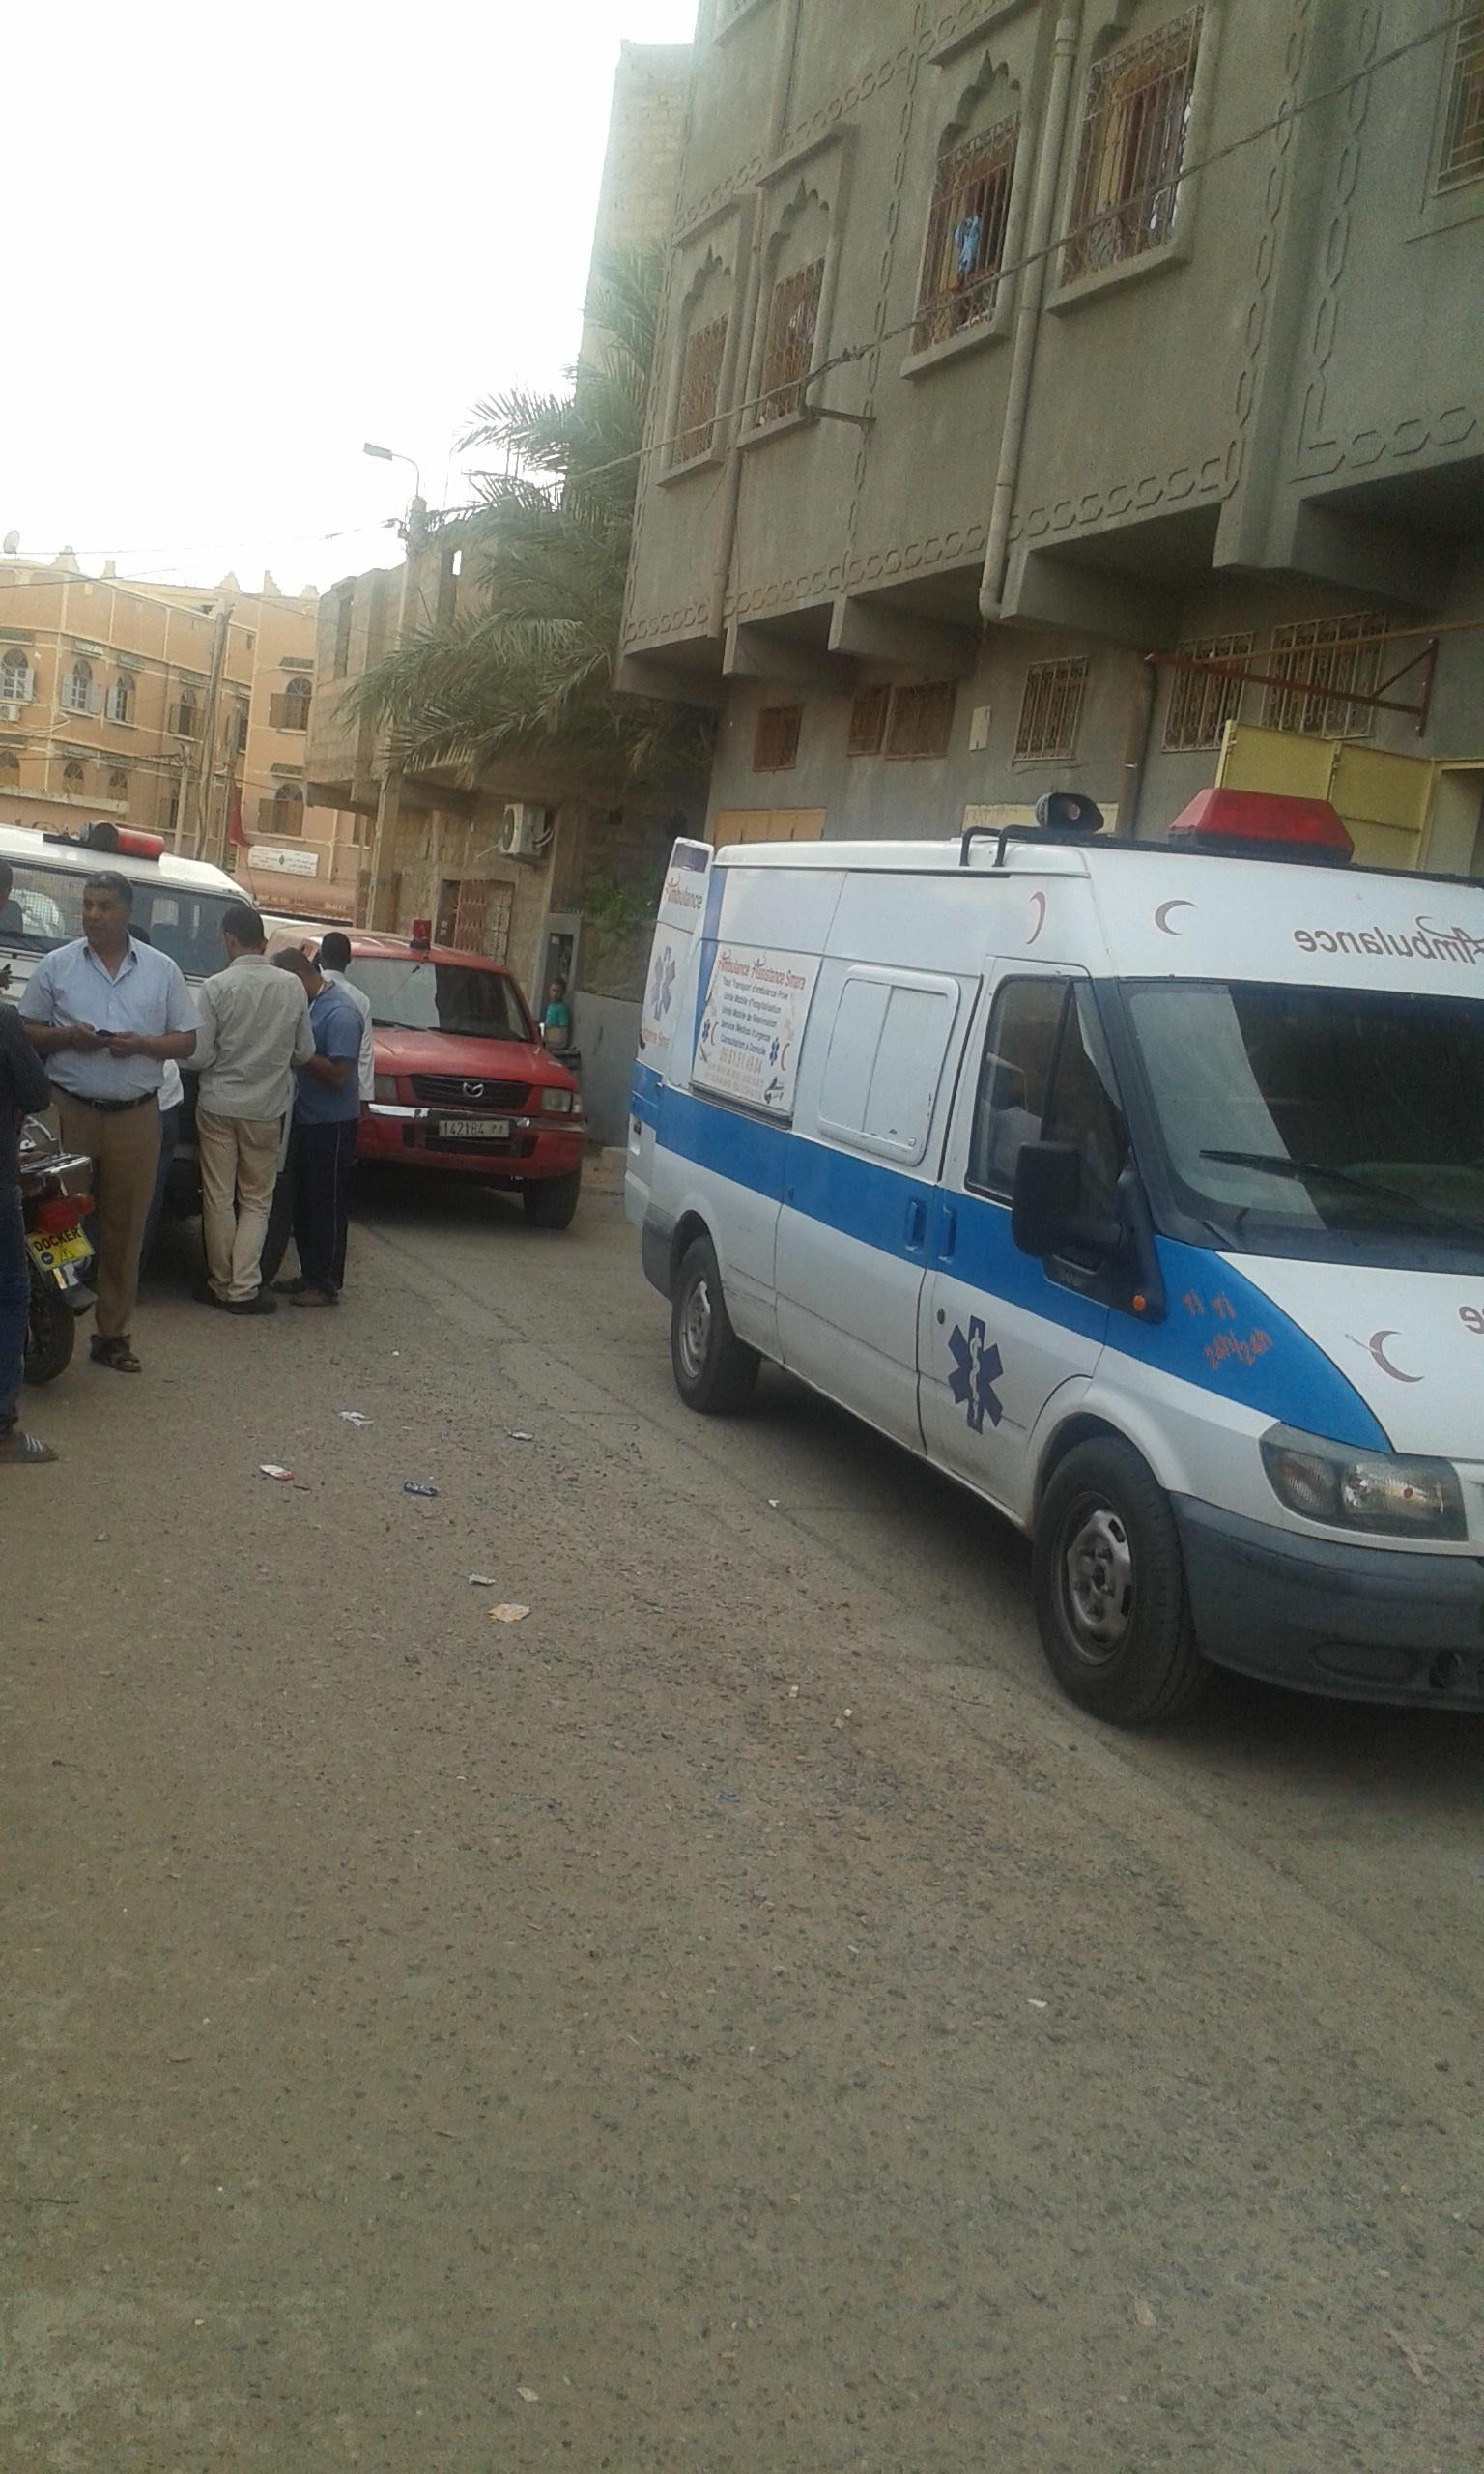 العثور على جثة متحللة داخل بيت بحي المصلى بمدينة زاكورة